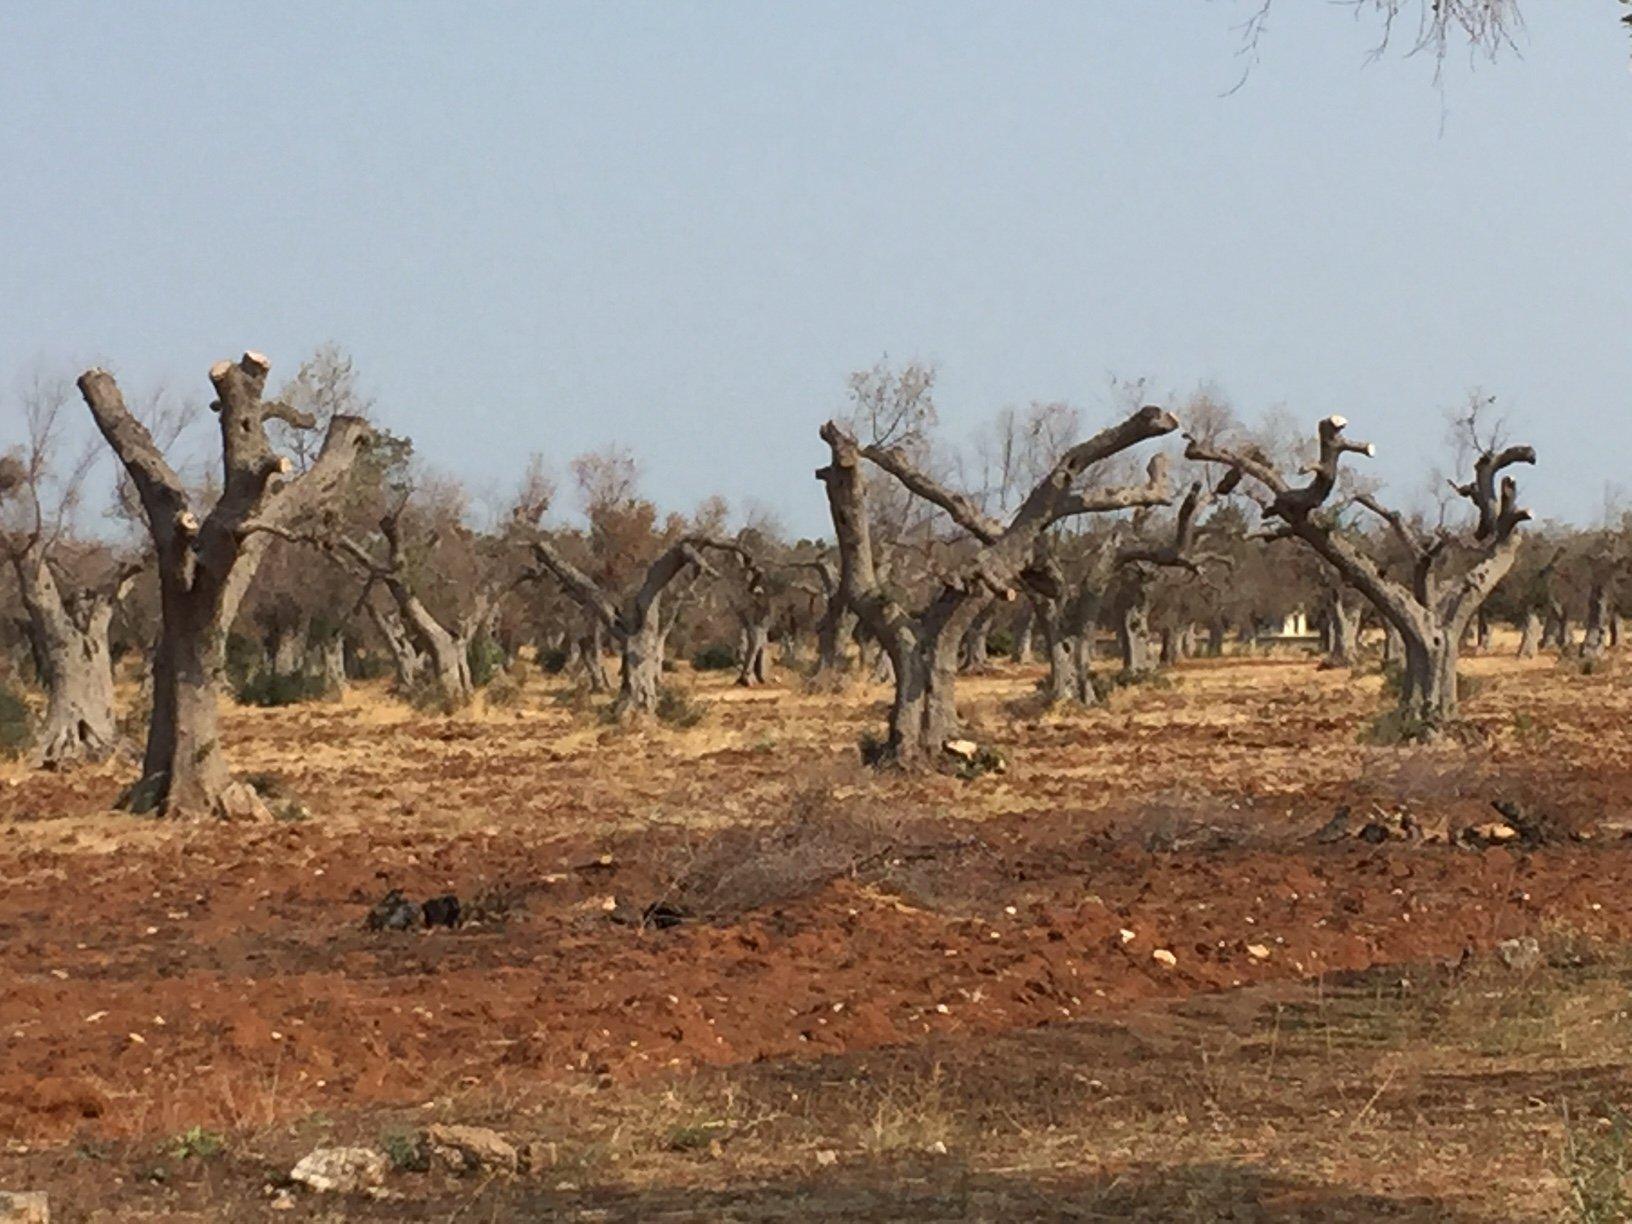 Xylella, via libera del Comitato europeo fitosanitario sulla salute delle piante al reimpianto degli olivi nel Salento